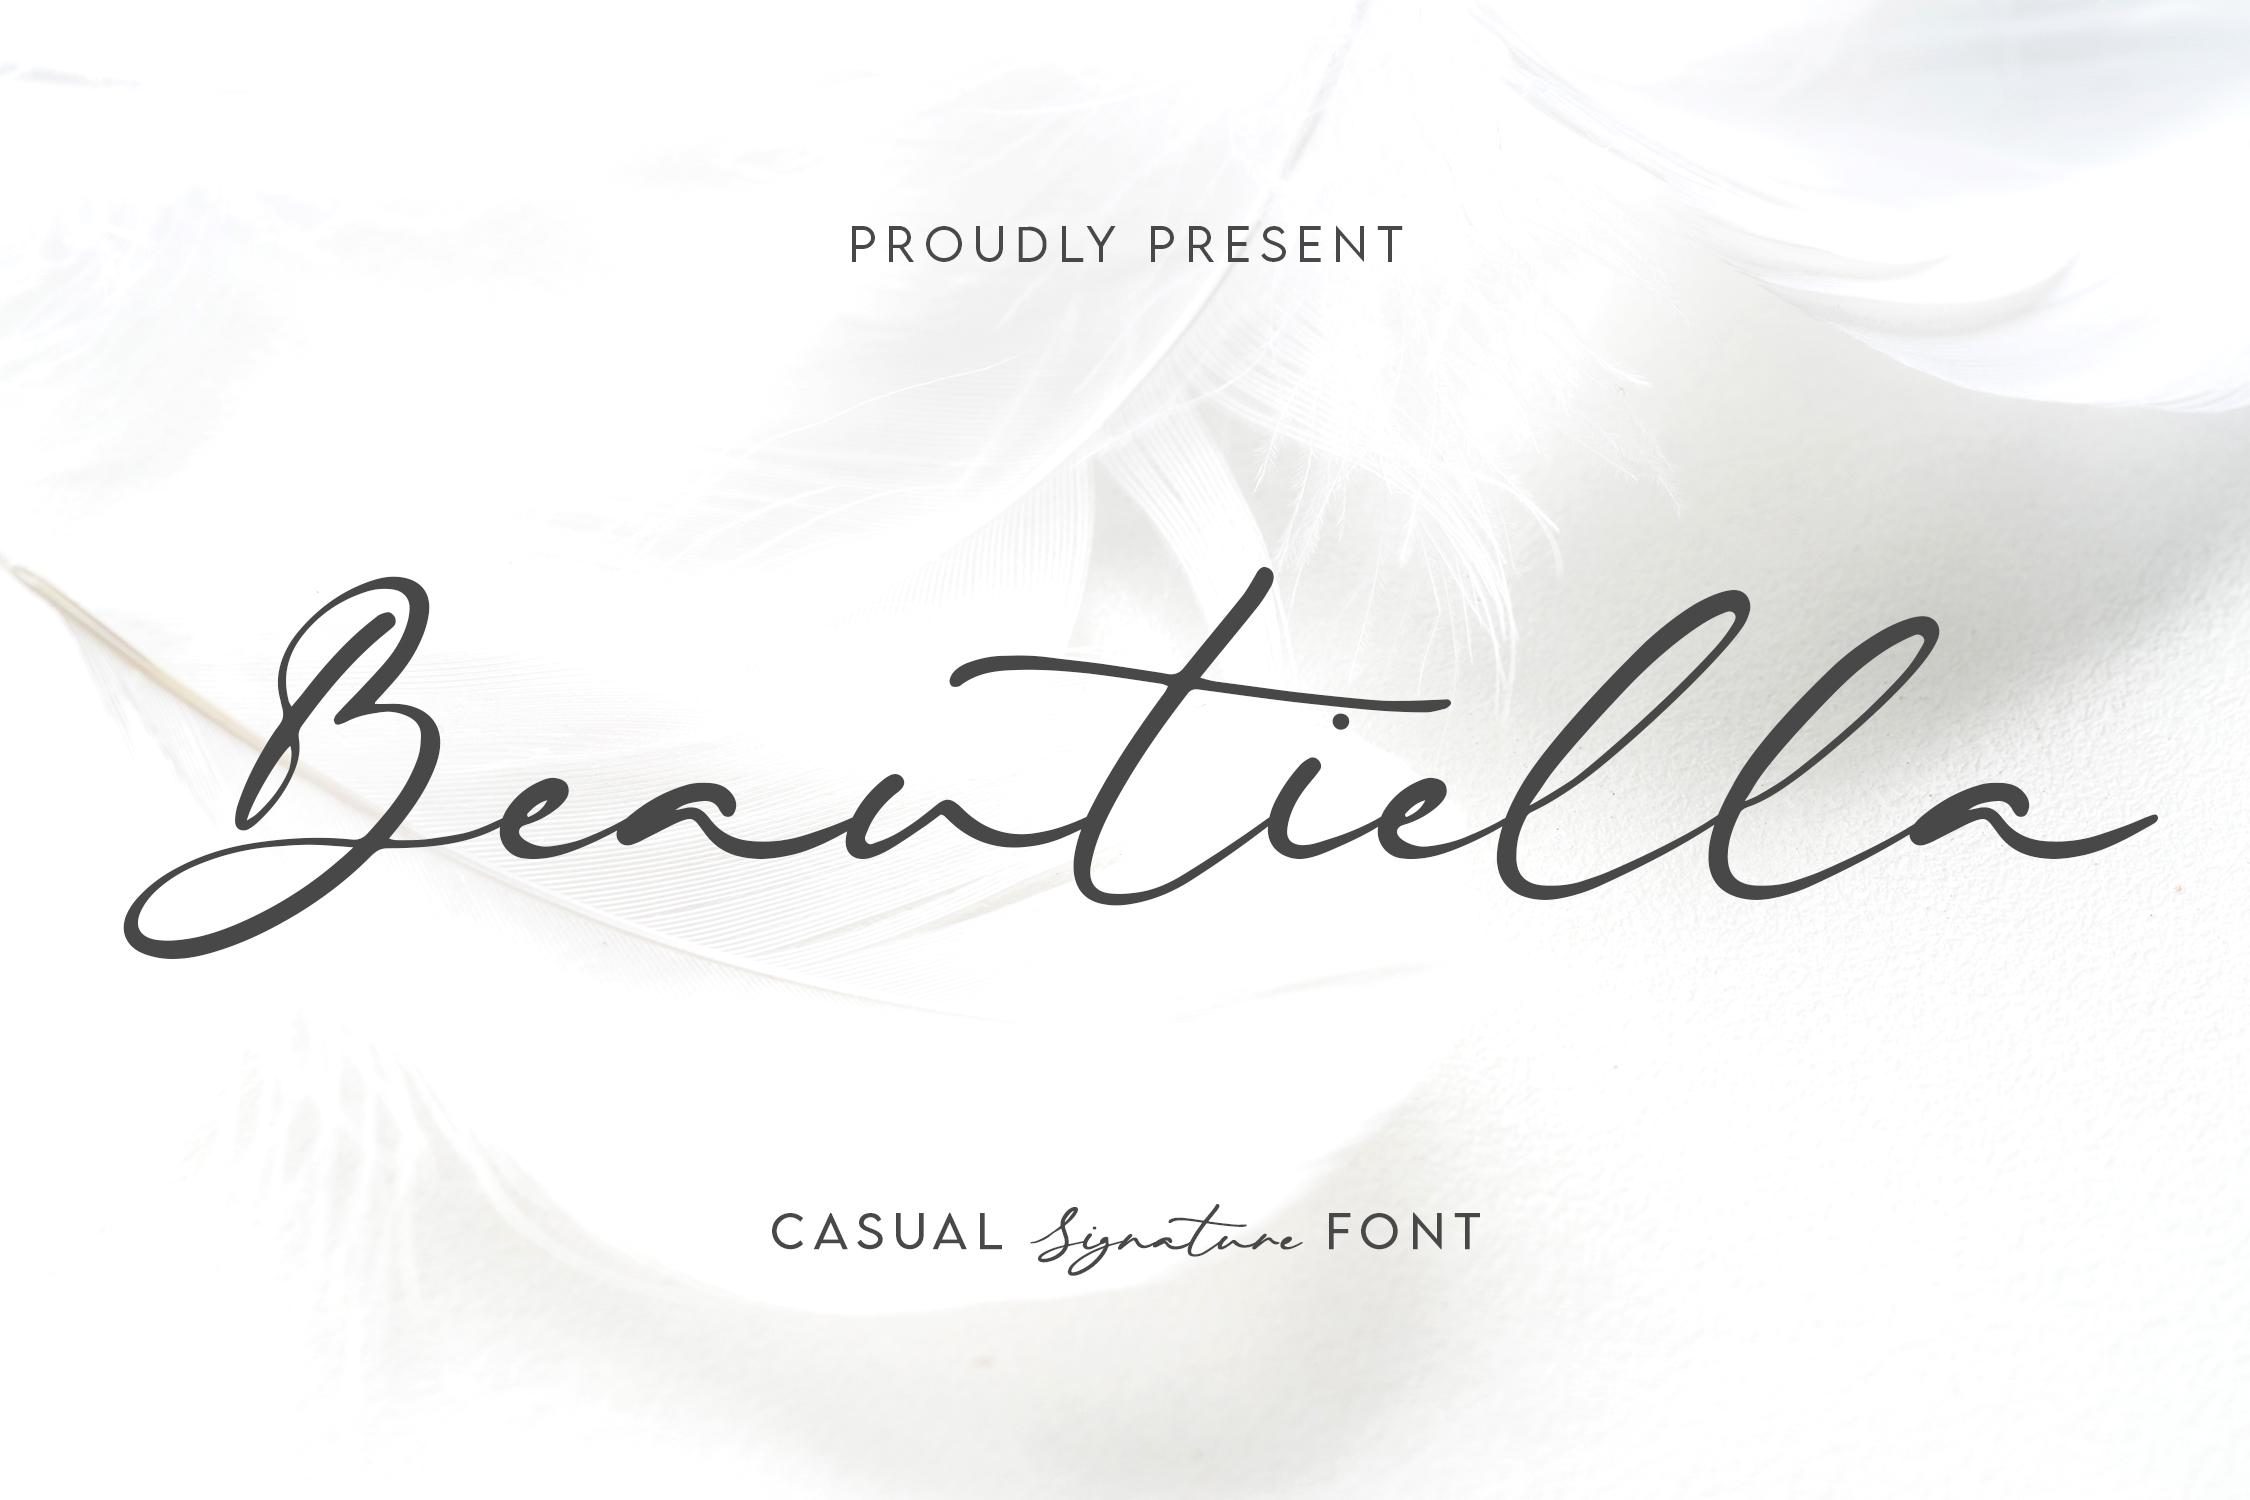 Beautiella Casual Signature Font -1